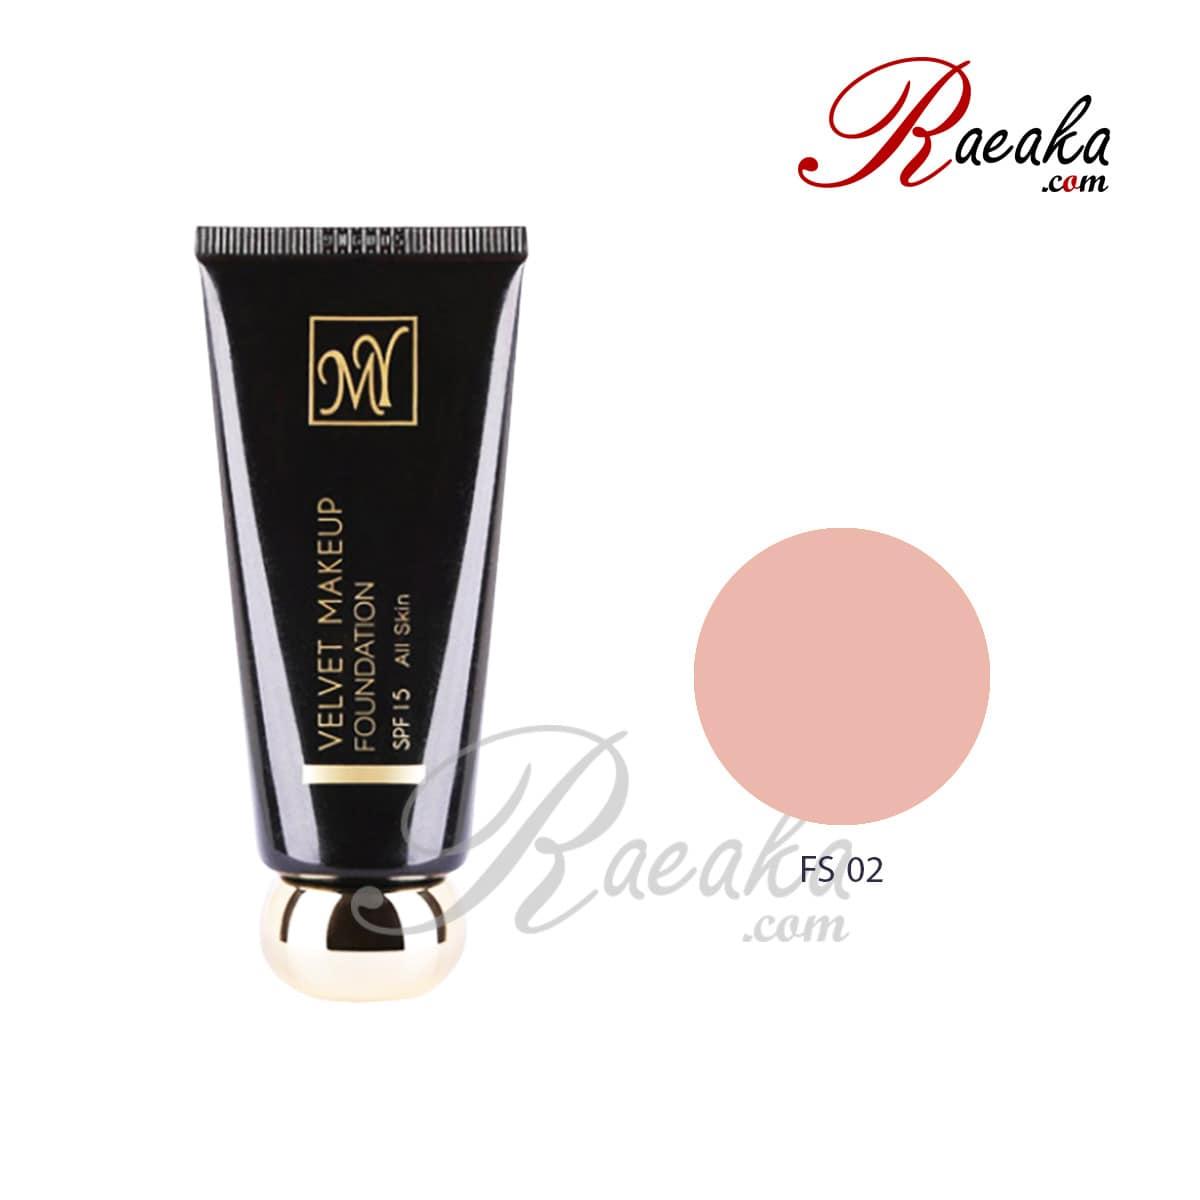 کرم پودر نیمه مات سری بلک دایموند مای کد FS02 مناسب پوست های معمولی تا خشک حجم ۳۵ میلی لیتر